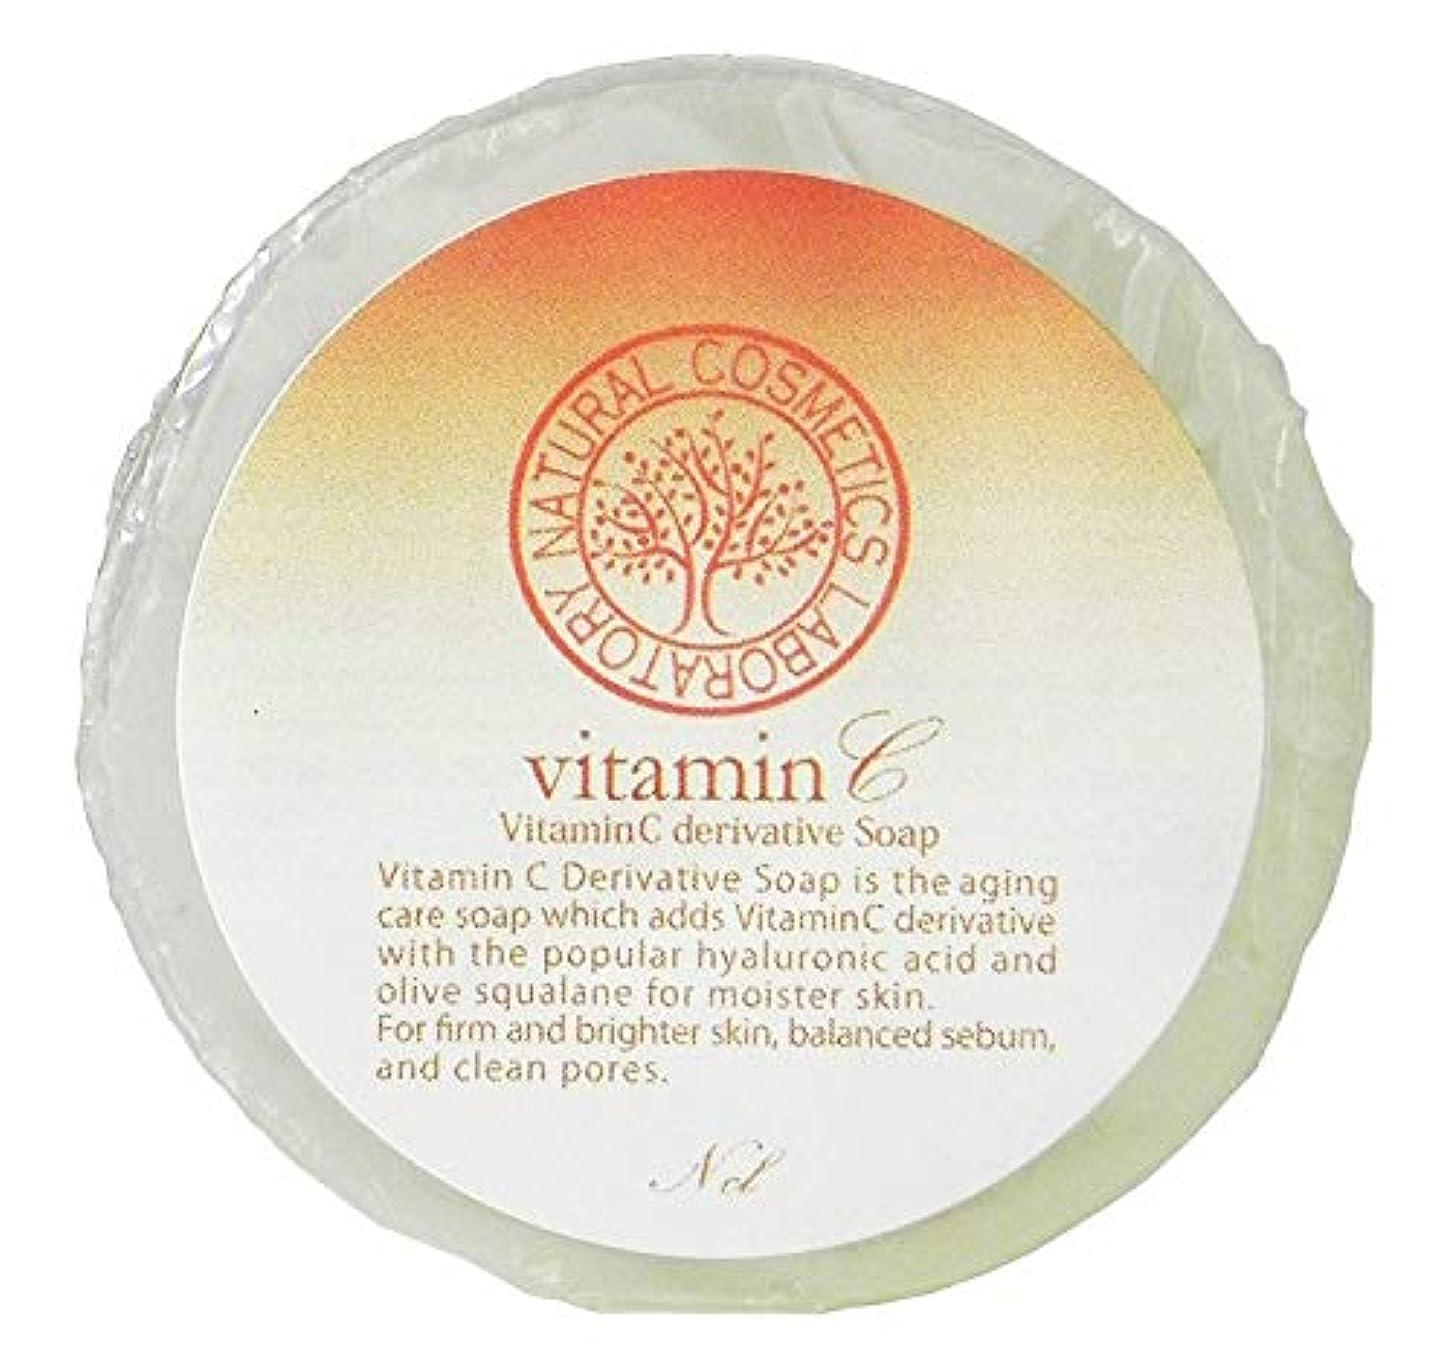 称賛ミント最後の自然化粧品研究所 ビタミンC誘導体石けん